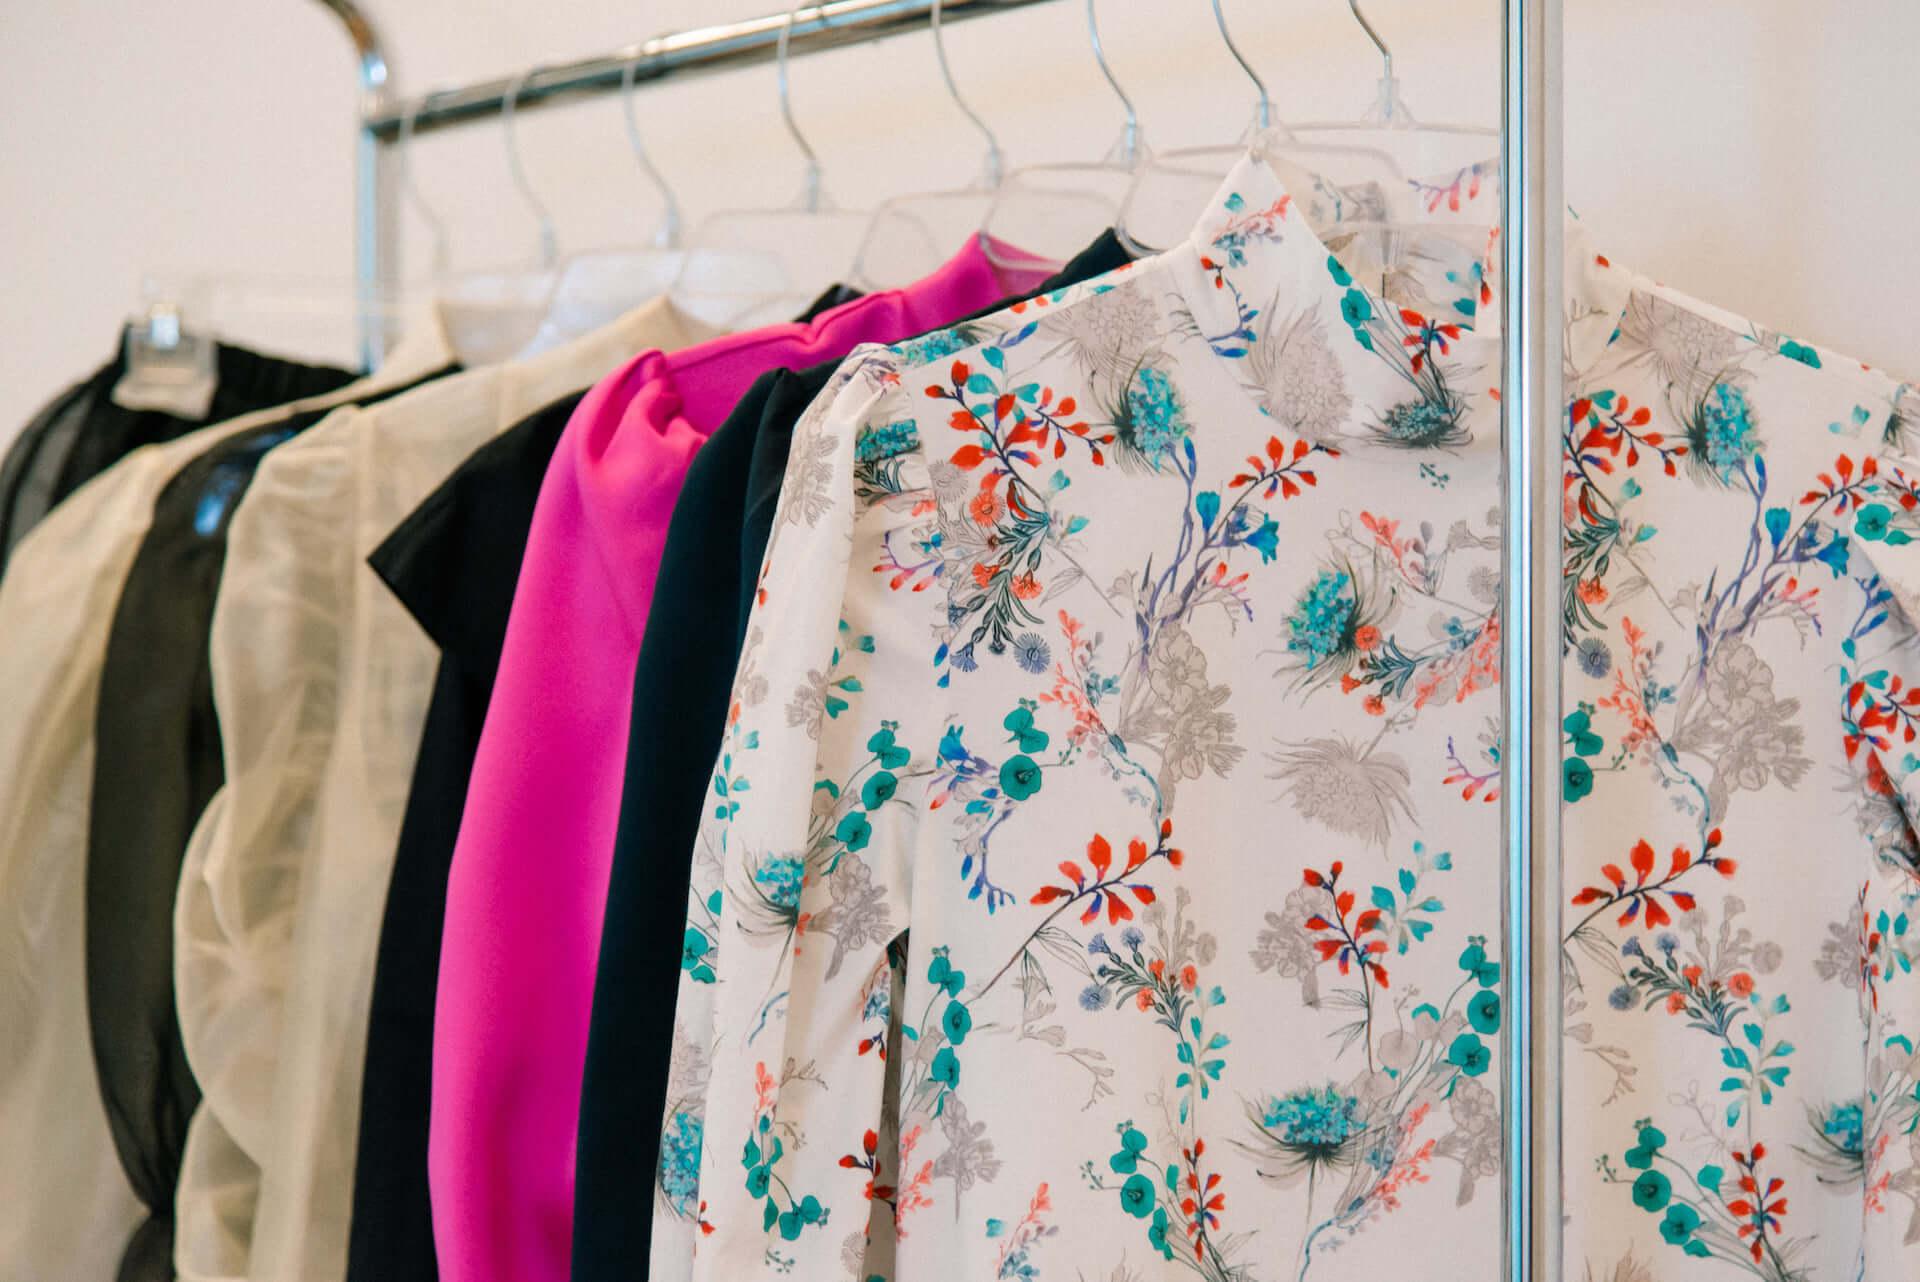 Amazon Fashionの新プログラム「The Drop」から鈴木えみが手がけるコレクションがローンチ!デザイナーとしての素顔に迫る interview1008_emisuzuki_3433-fix-1920x1282